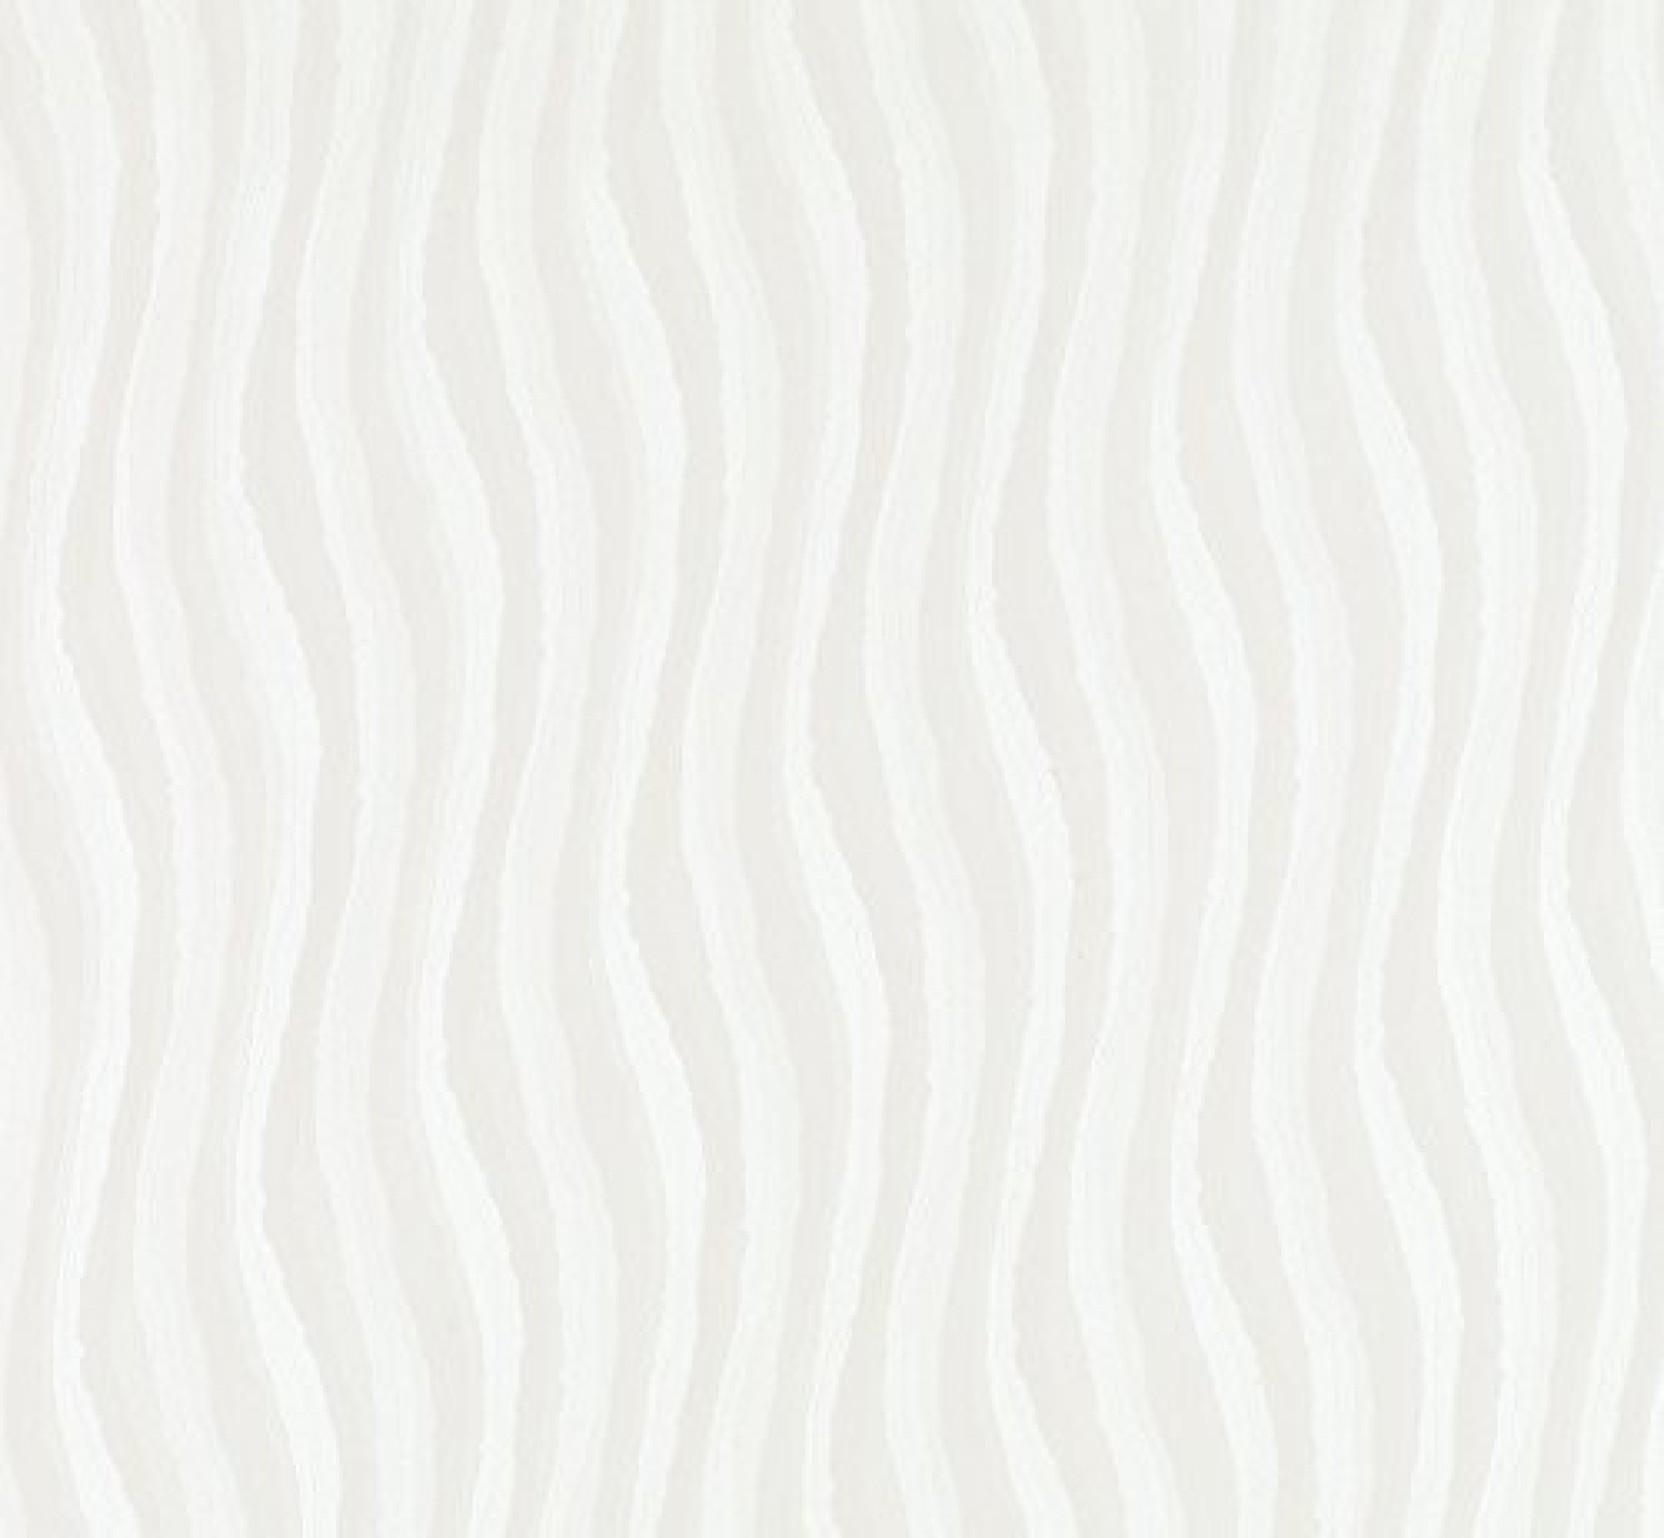 Generic Contact Paper Self-Adhesive Wallpaper Shelf Liner [Emg-02